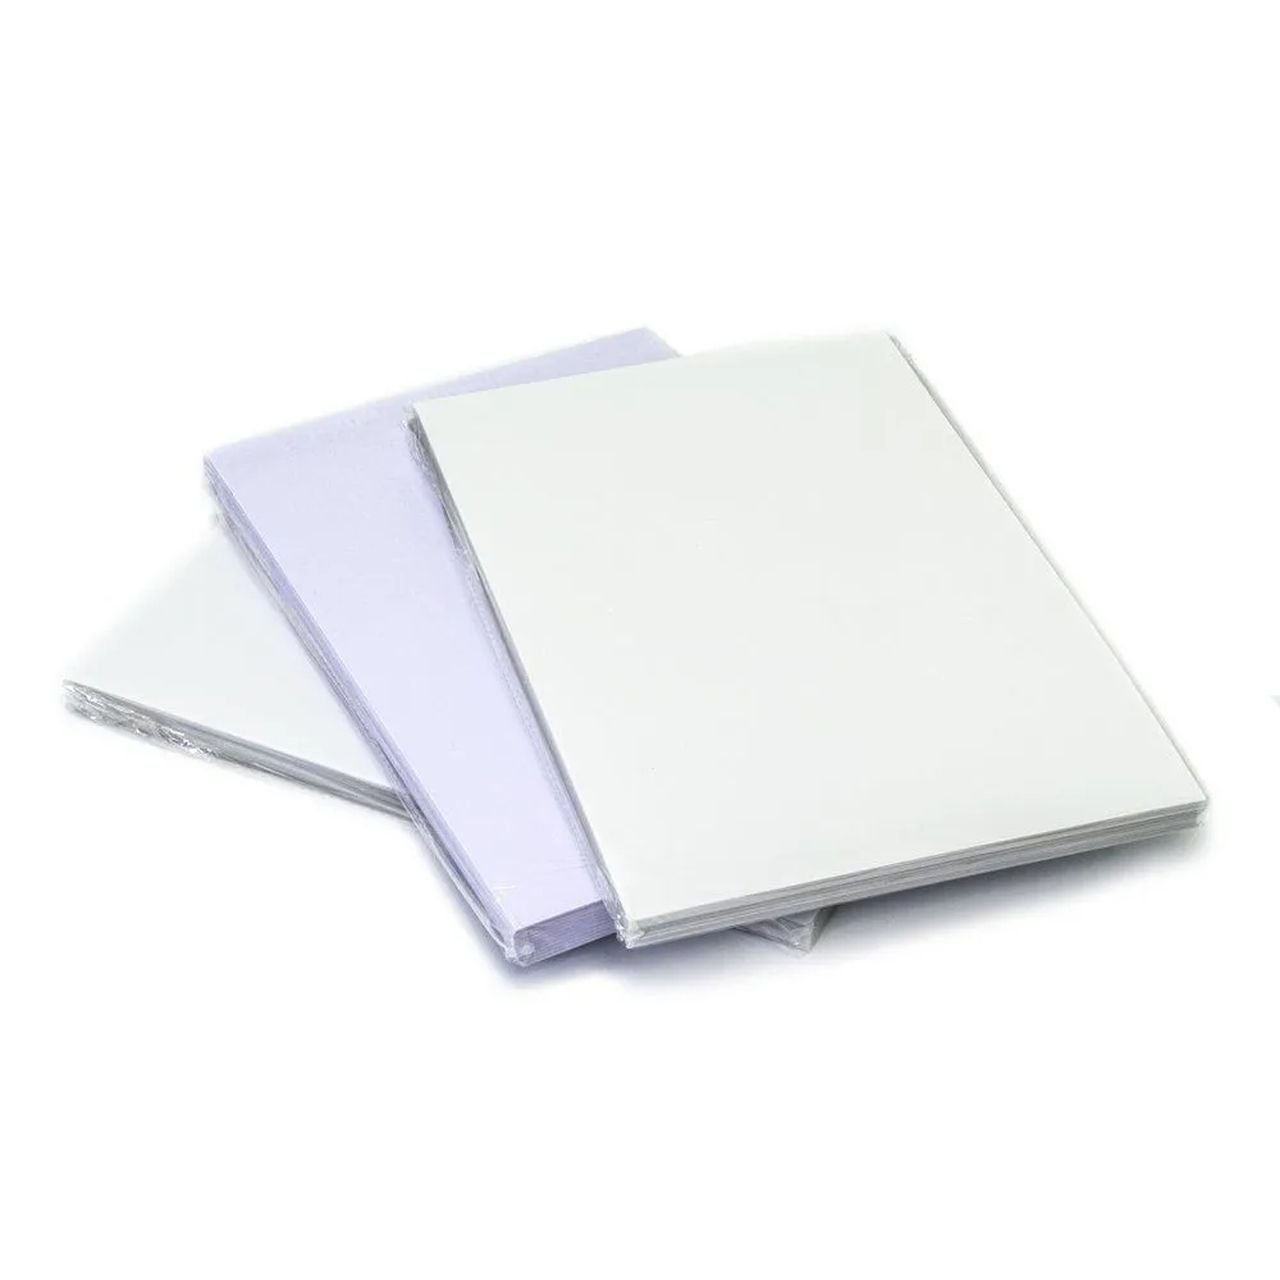 25 Folhas Imprimivel para Placas de Pvc, Crachá, Cartão